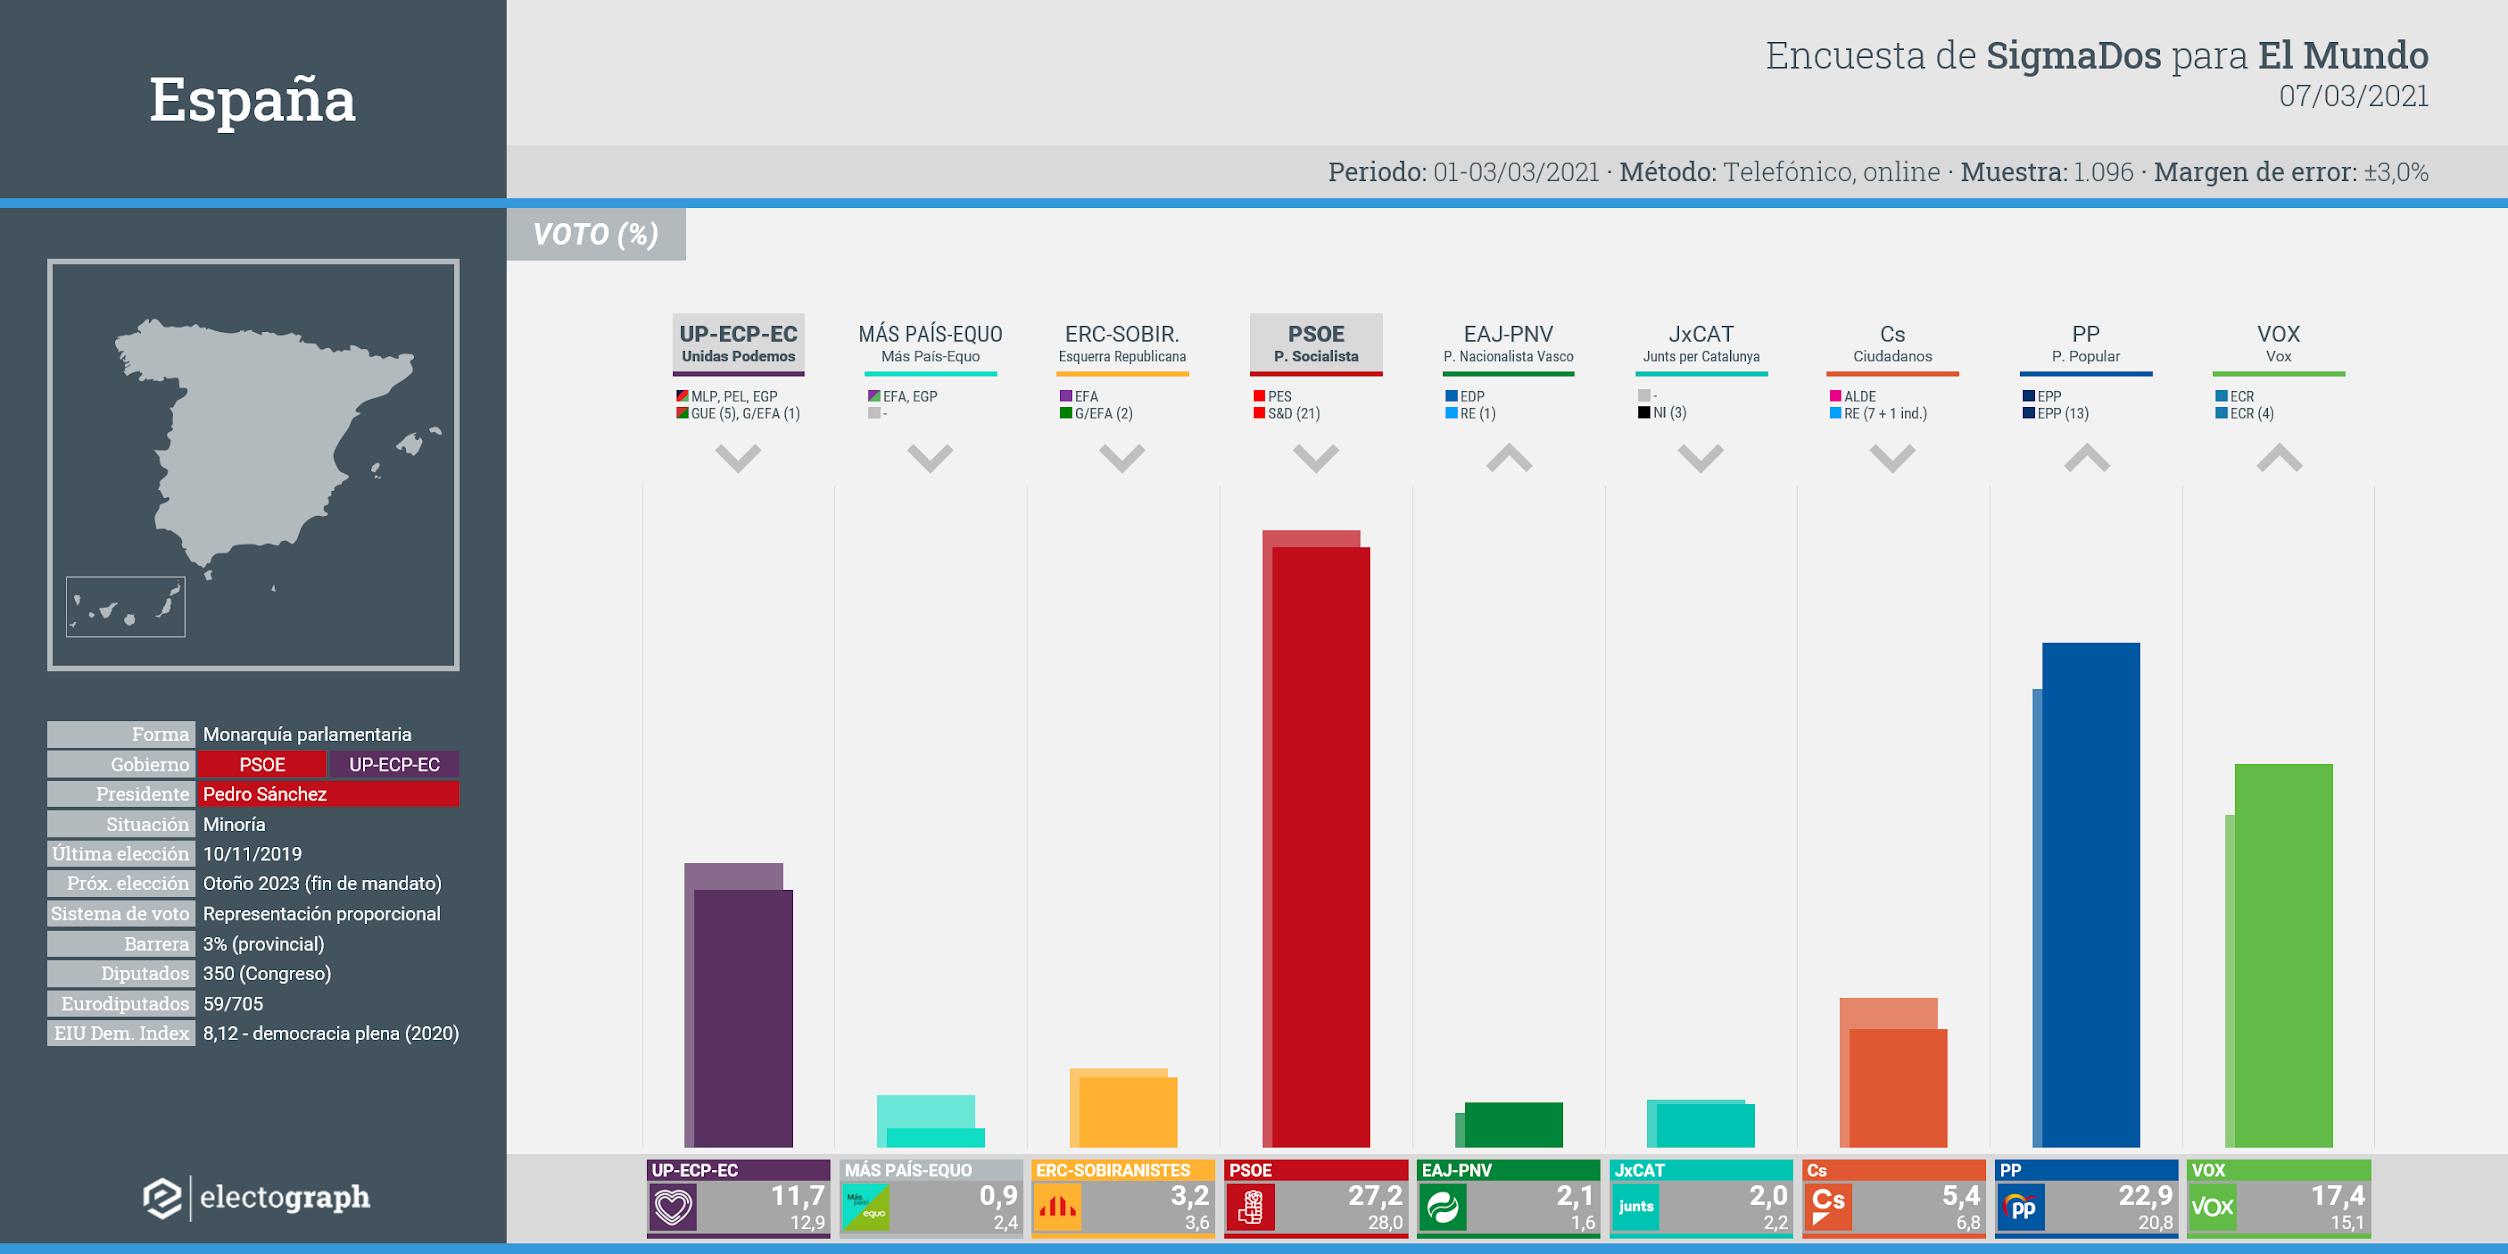 Gráfico de la encuesta para elecciones generales en España realizada por SigmaDos para El Mundo, 7 de marzo de 2021